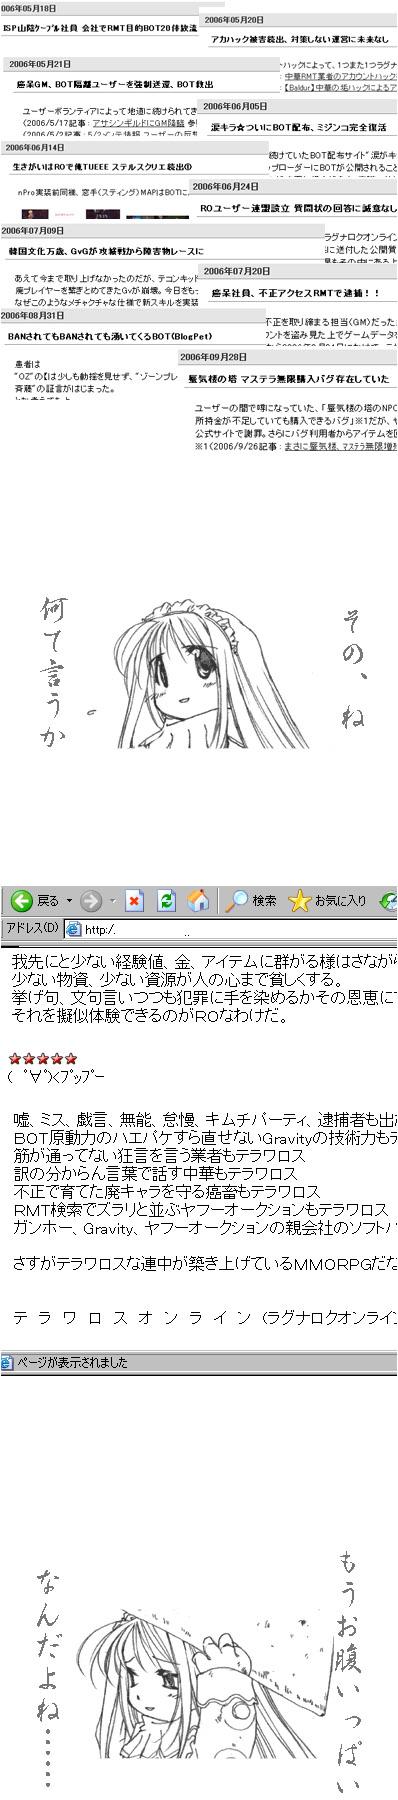 ragnarok_end01.jpg